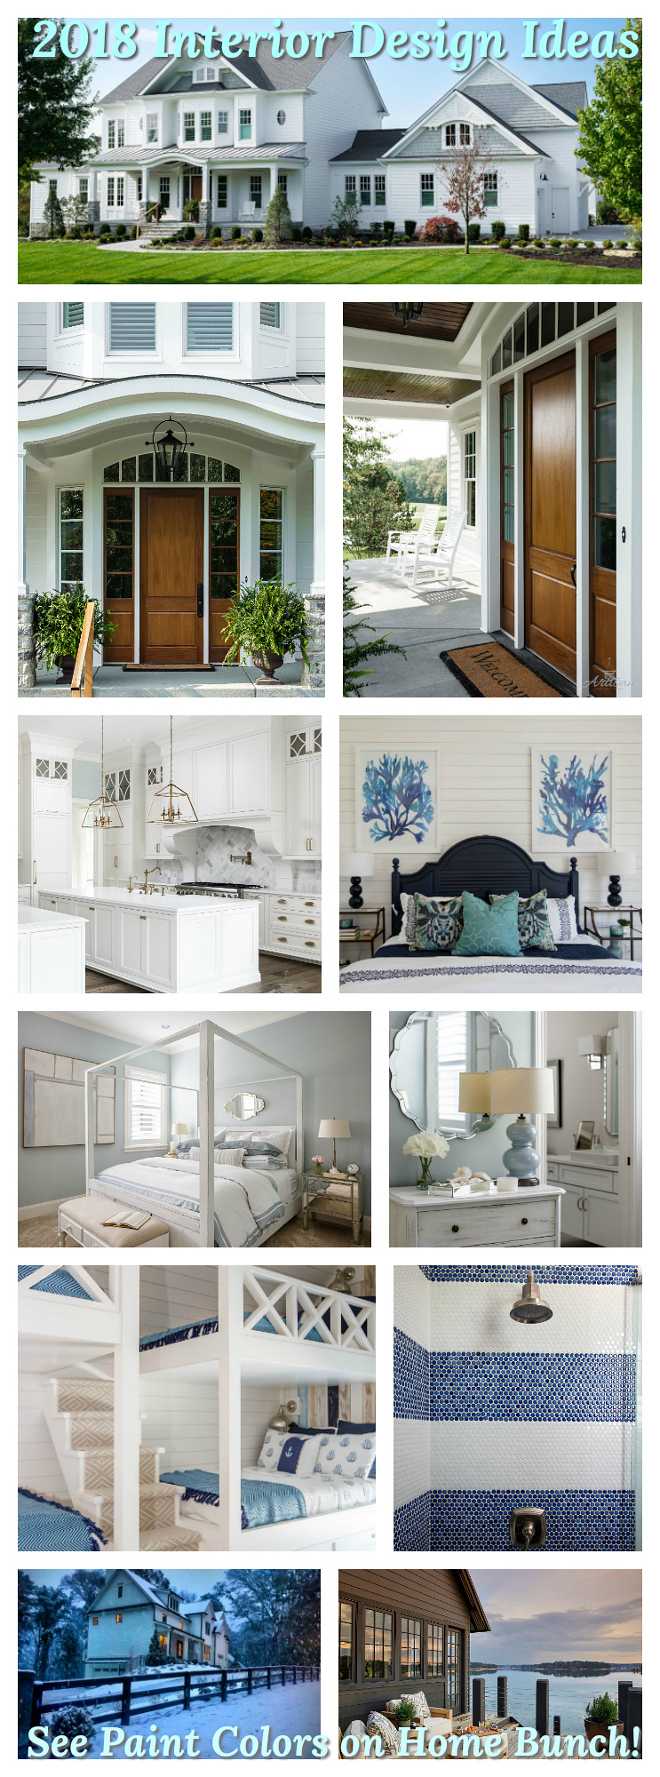 2018 Interior Design Ideas